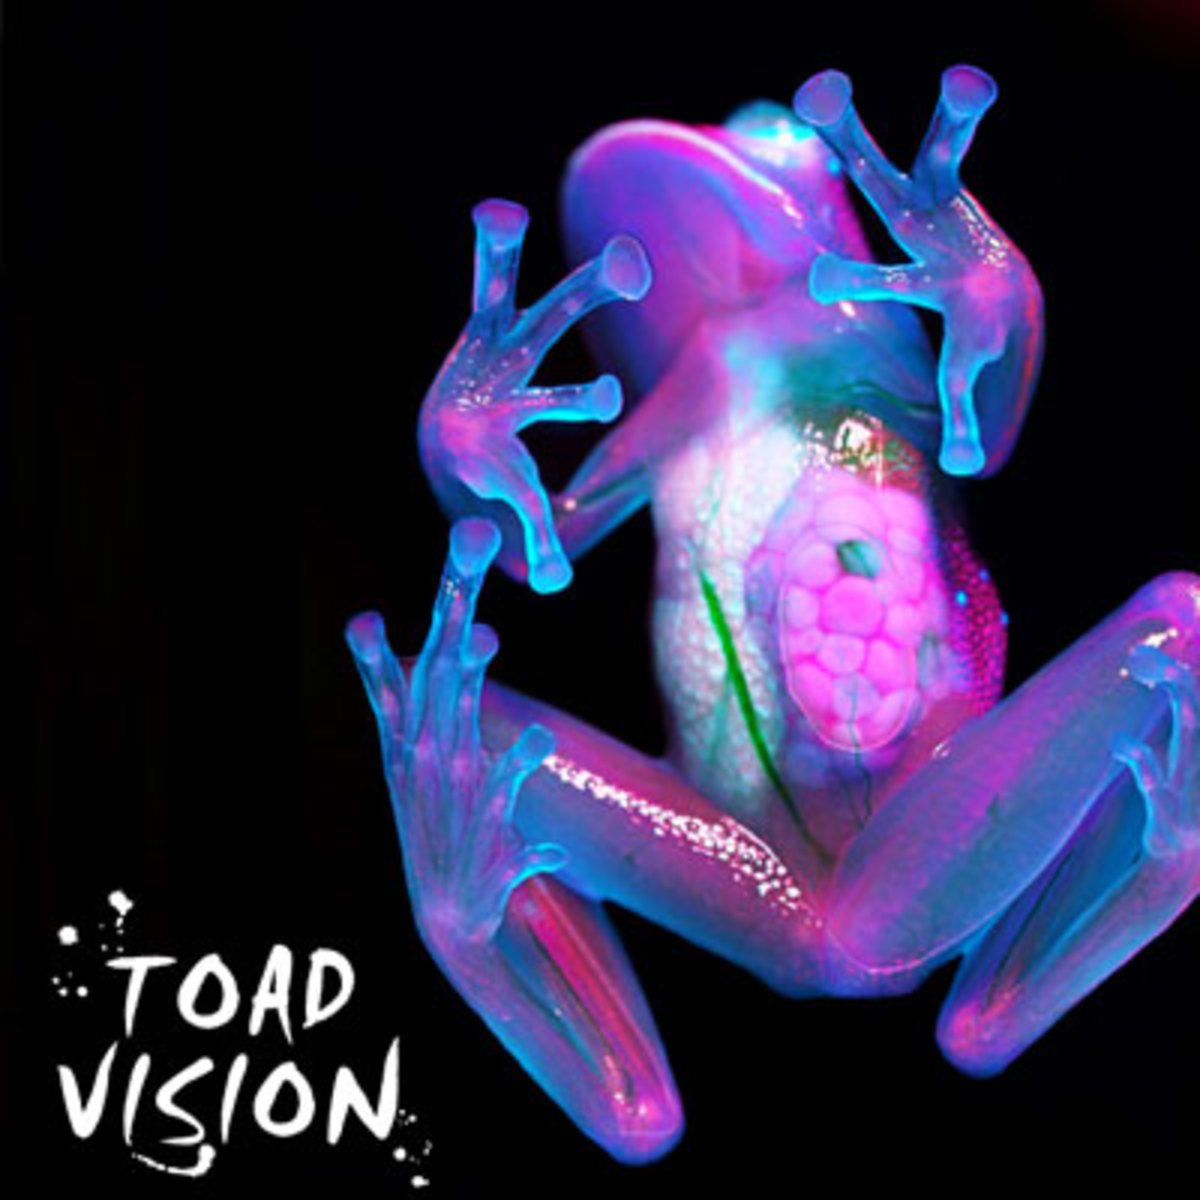 frankleone-toadvision.jpg